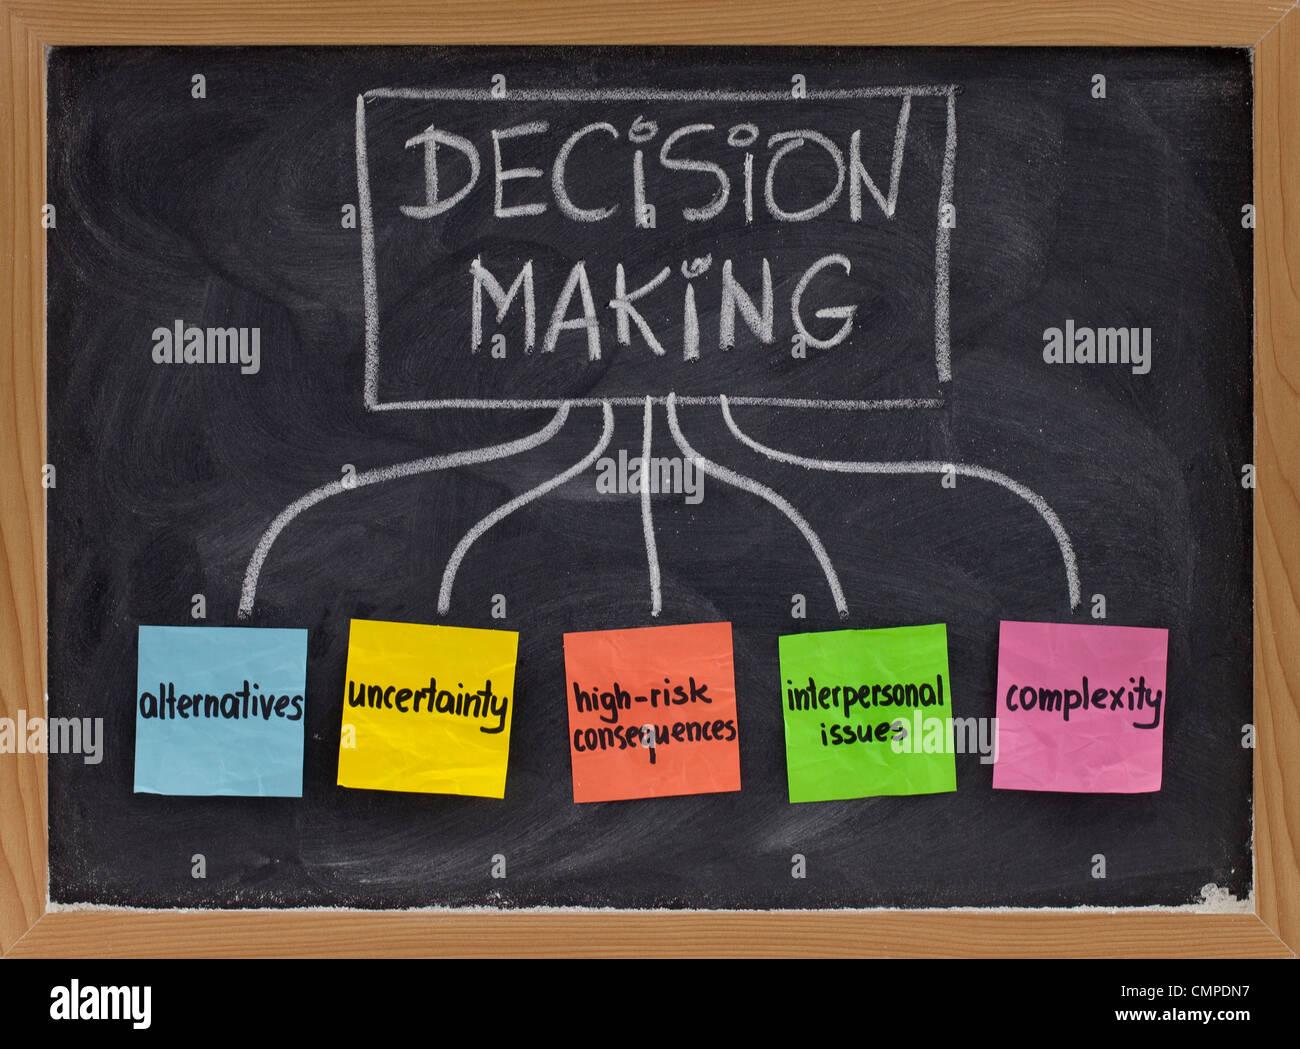 Sujets liés à la prise de décision - l'incertitude, les alternatives, les conséquences des Photo Stock